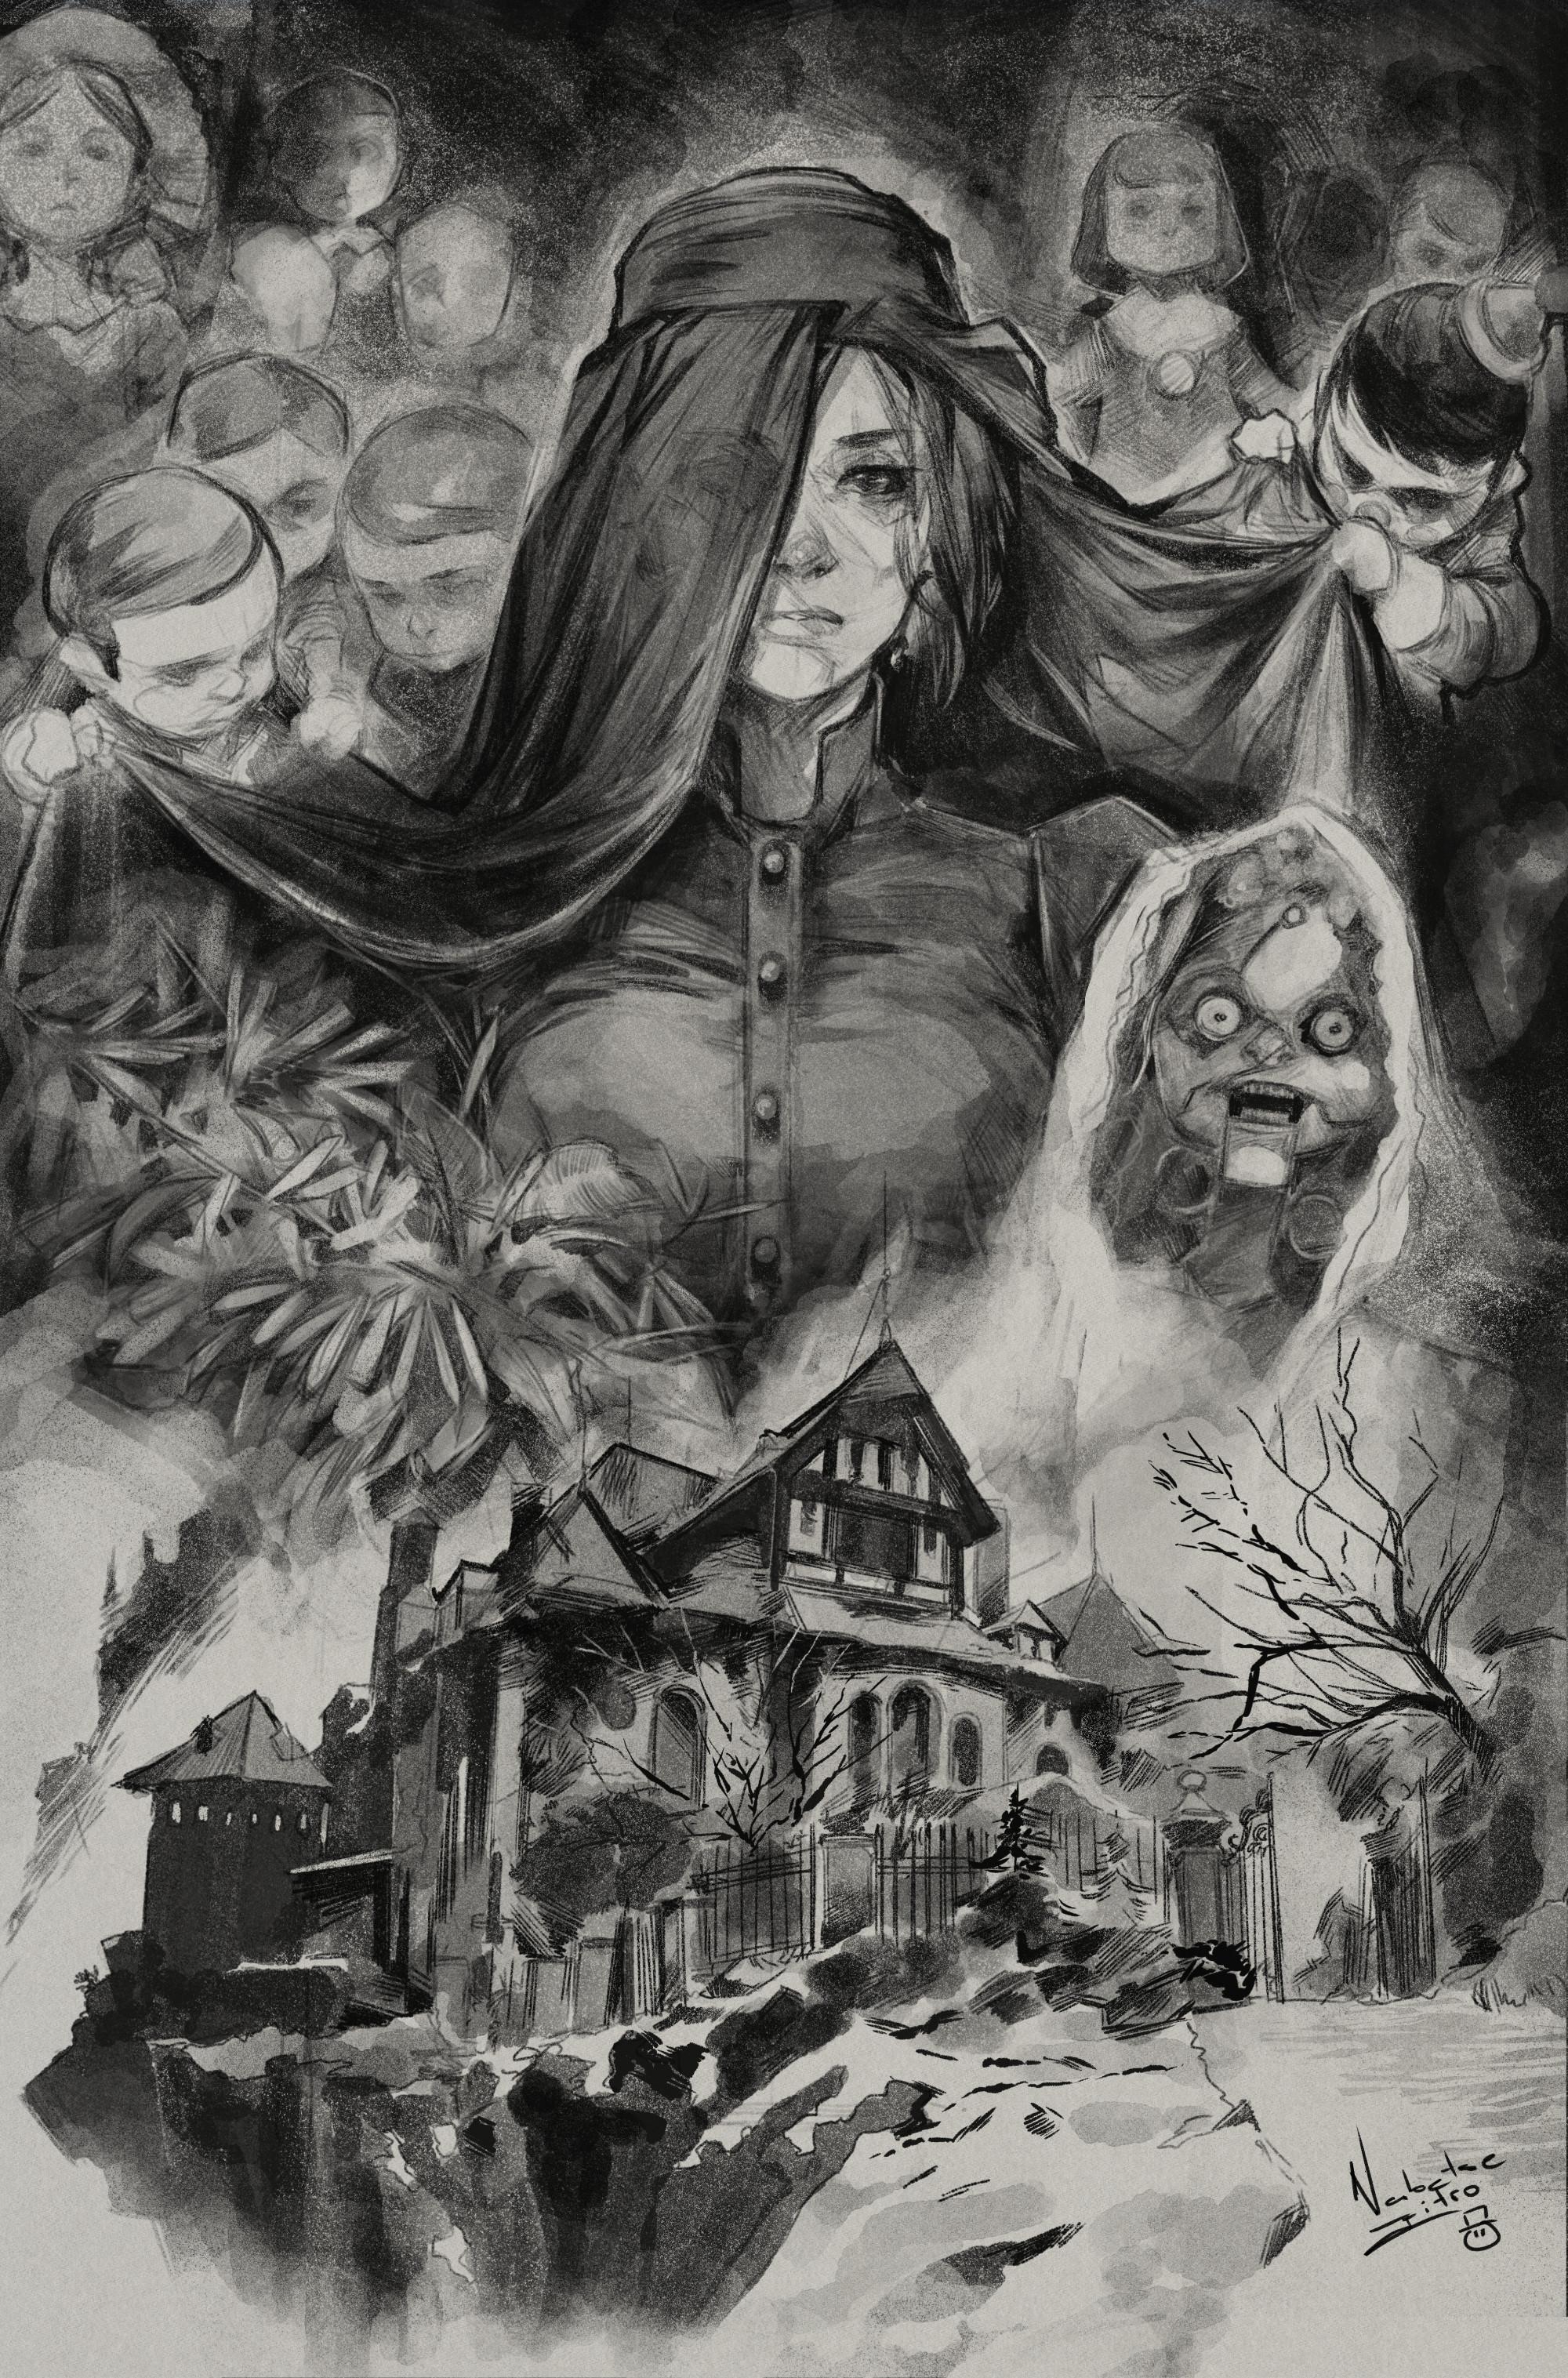 nabetse-zitro-resident-evil-8-donna-bene